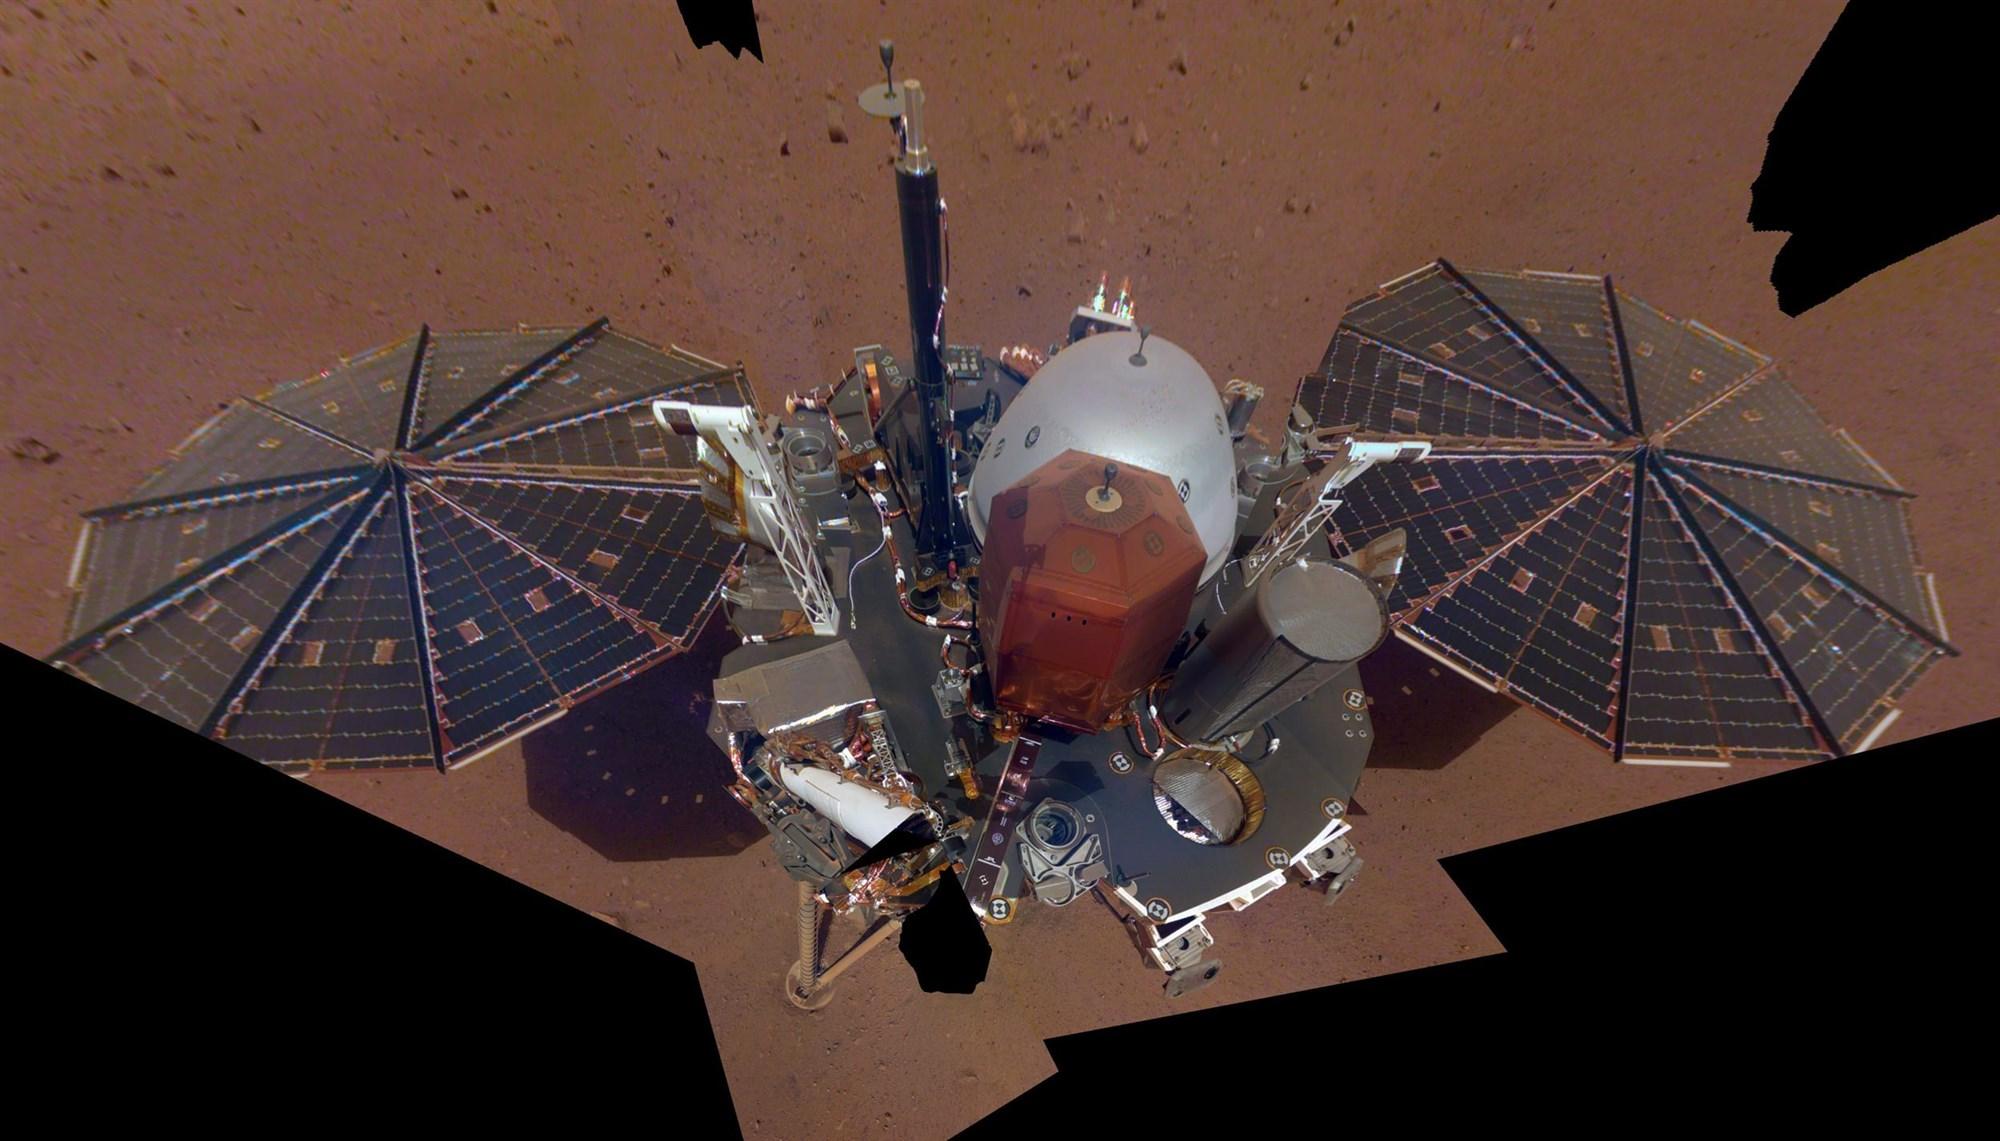 Sonda excavadora en Marte ha sido abandonada.